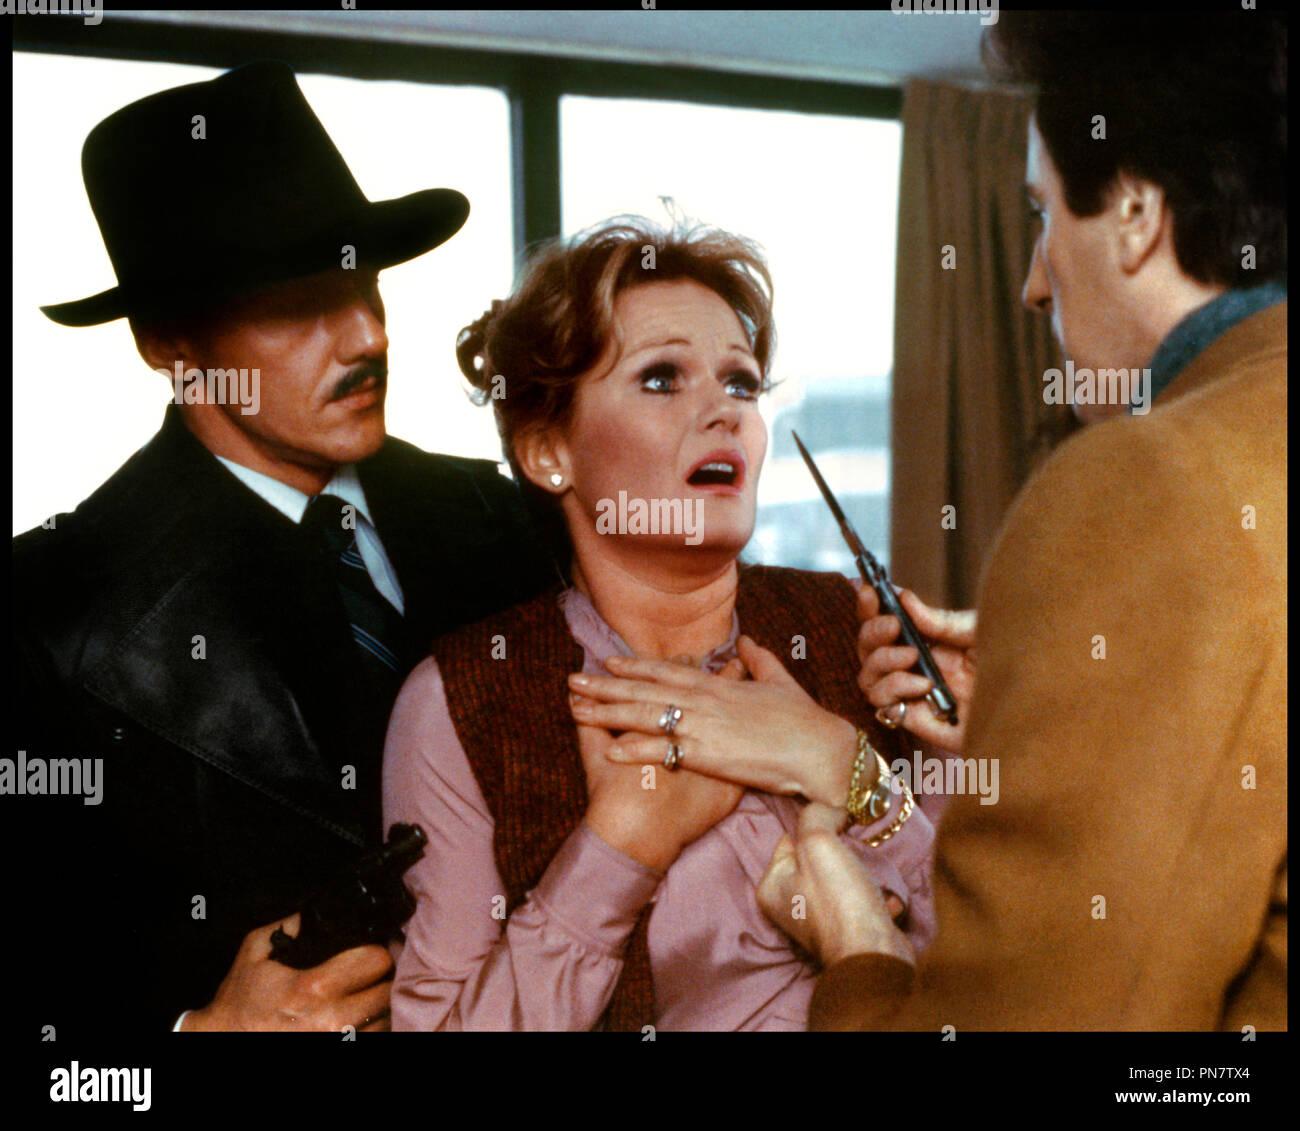 Prod DB © Films RSL / DR LES ESPIONS DANS LA VILLE (AGENCY) de George Kaczender 1980 CAN. avec Valerie Perrine agression, couteau a cran d'arret, viol, menacer d'apres le roman de Paul Gottlieb - Stock Image